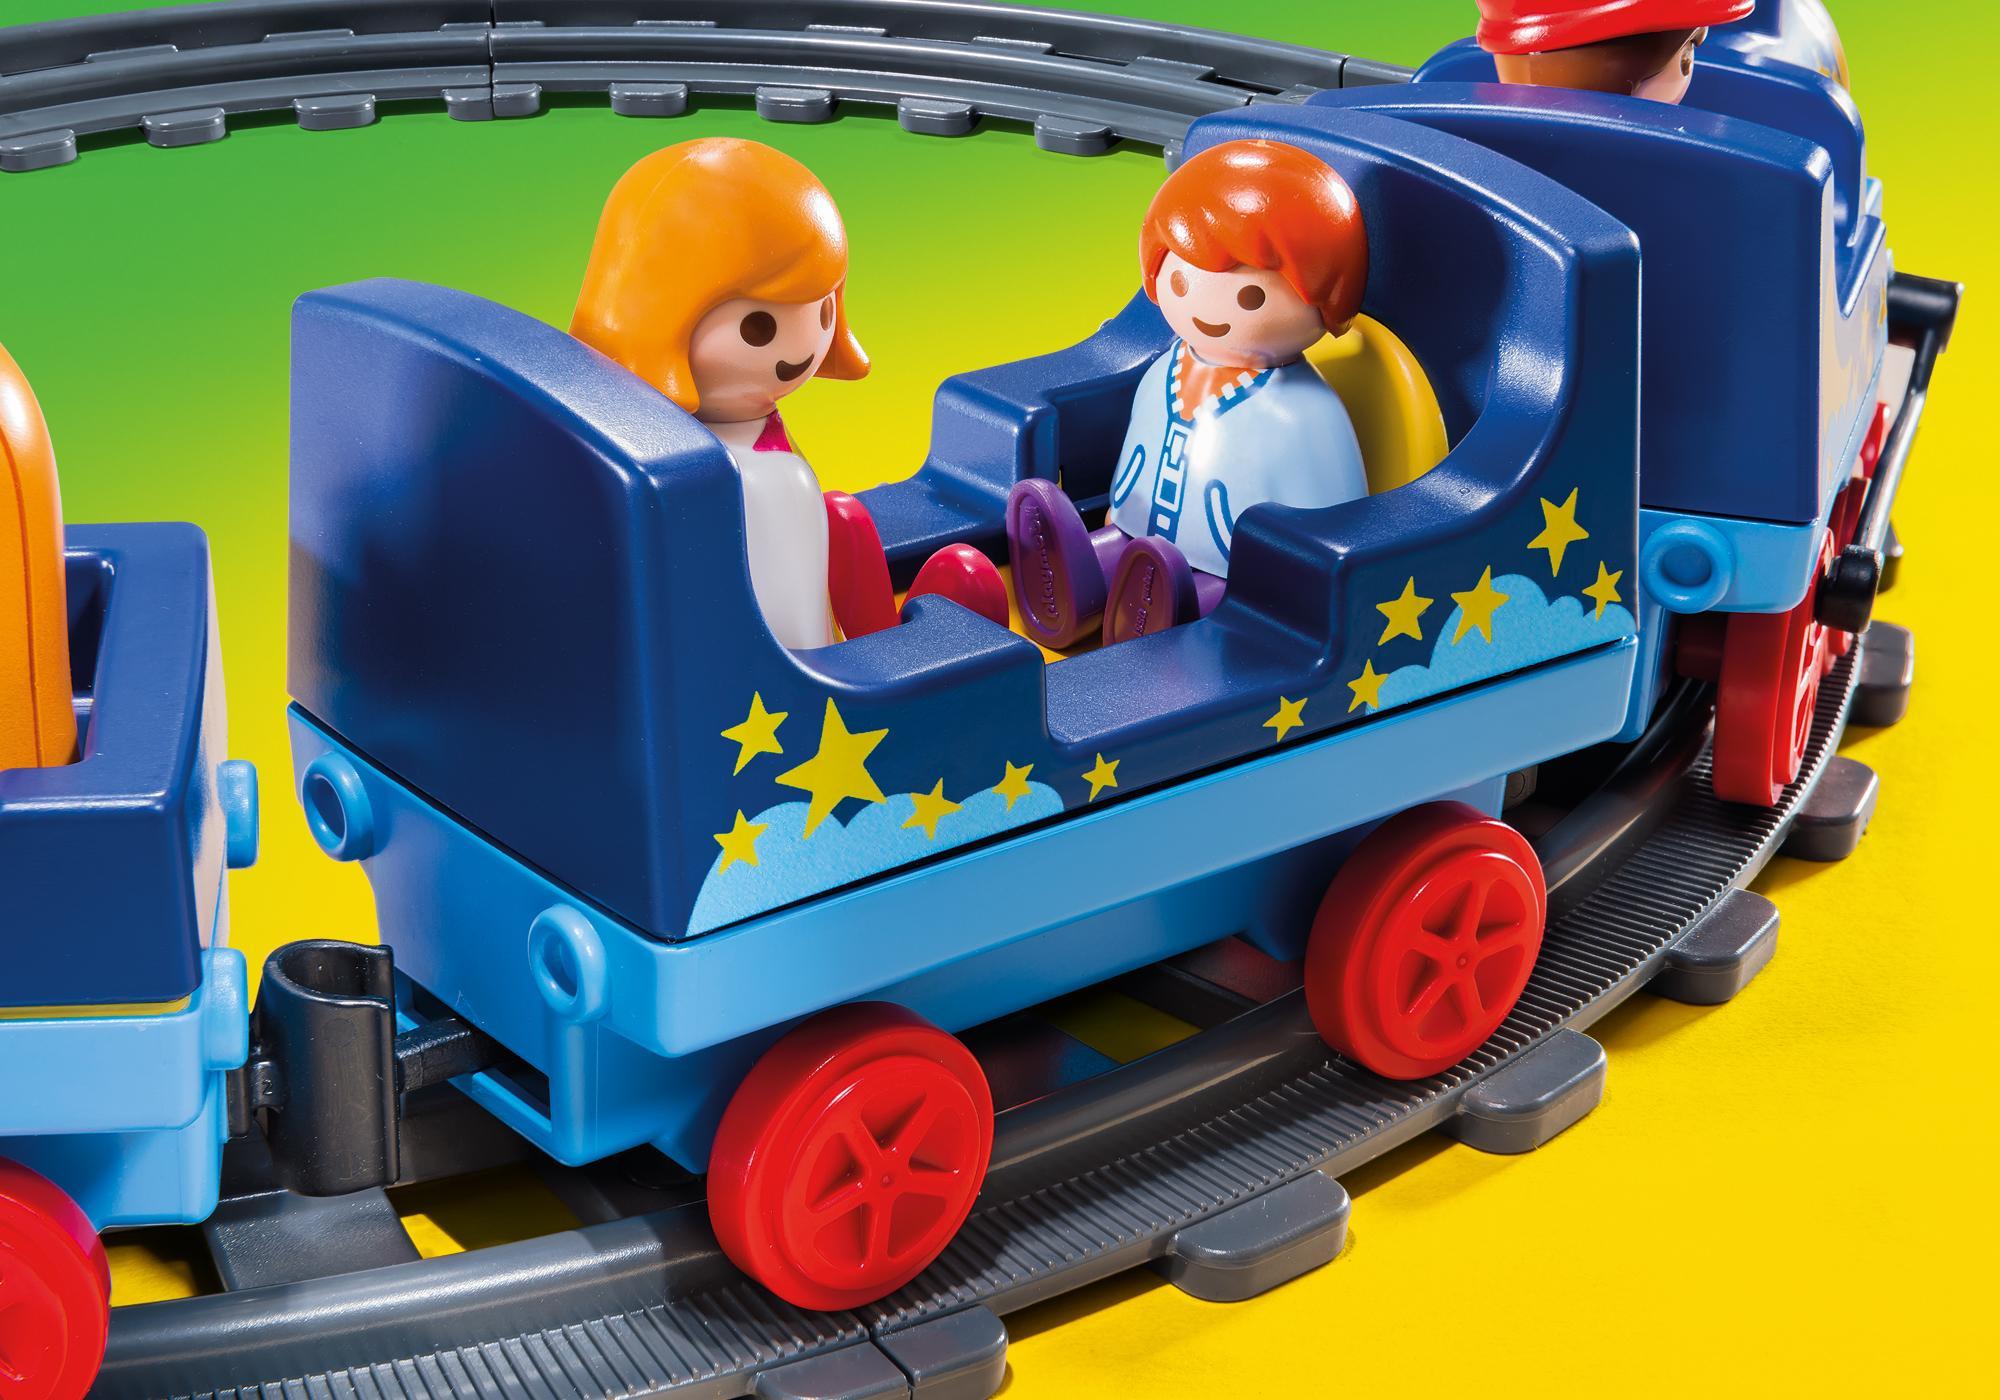 http://media.playmobil.com/i/playmobil/6880_product_extra1/Nattåg med spår